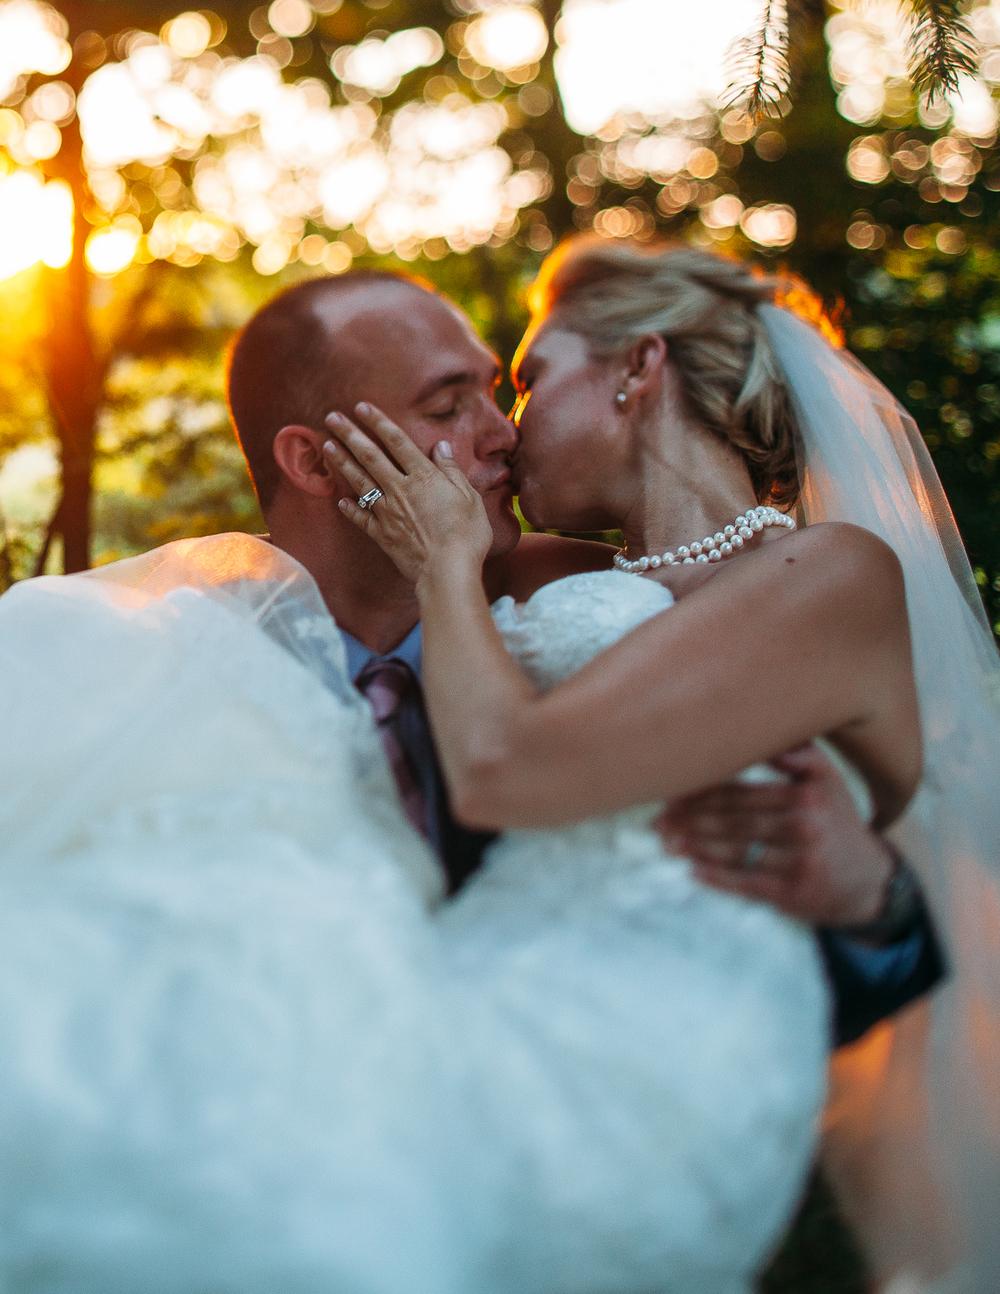 Allison_ZauchaPhotography_wedding_photography-23.jpg